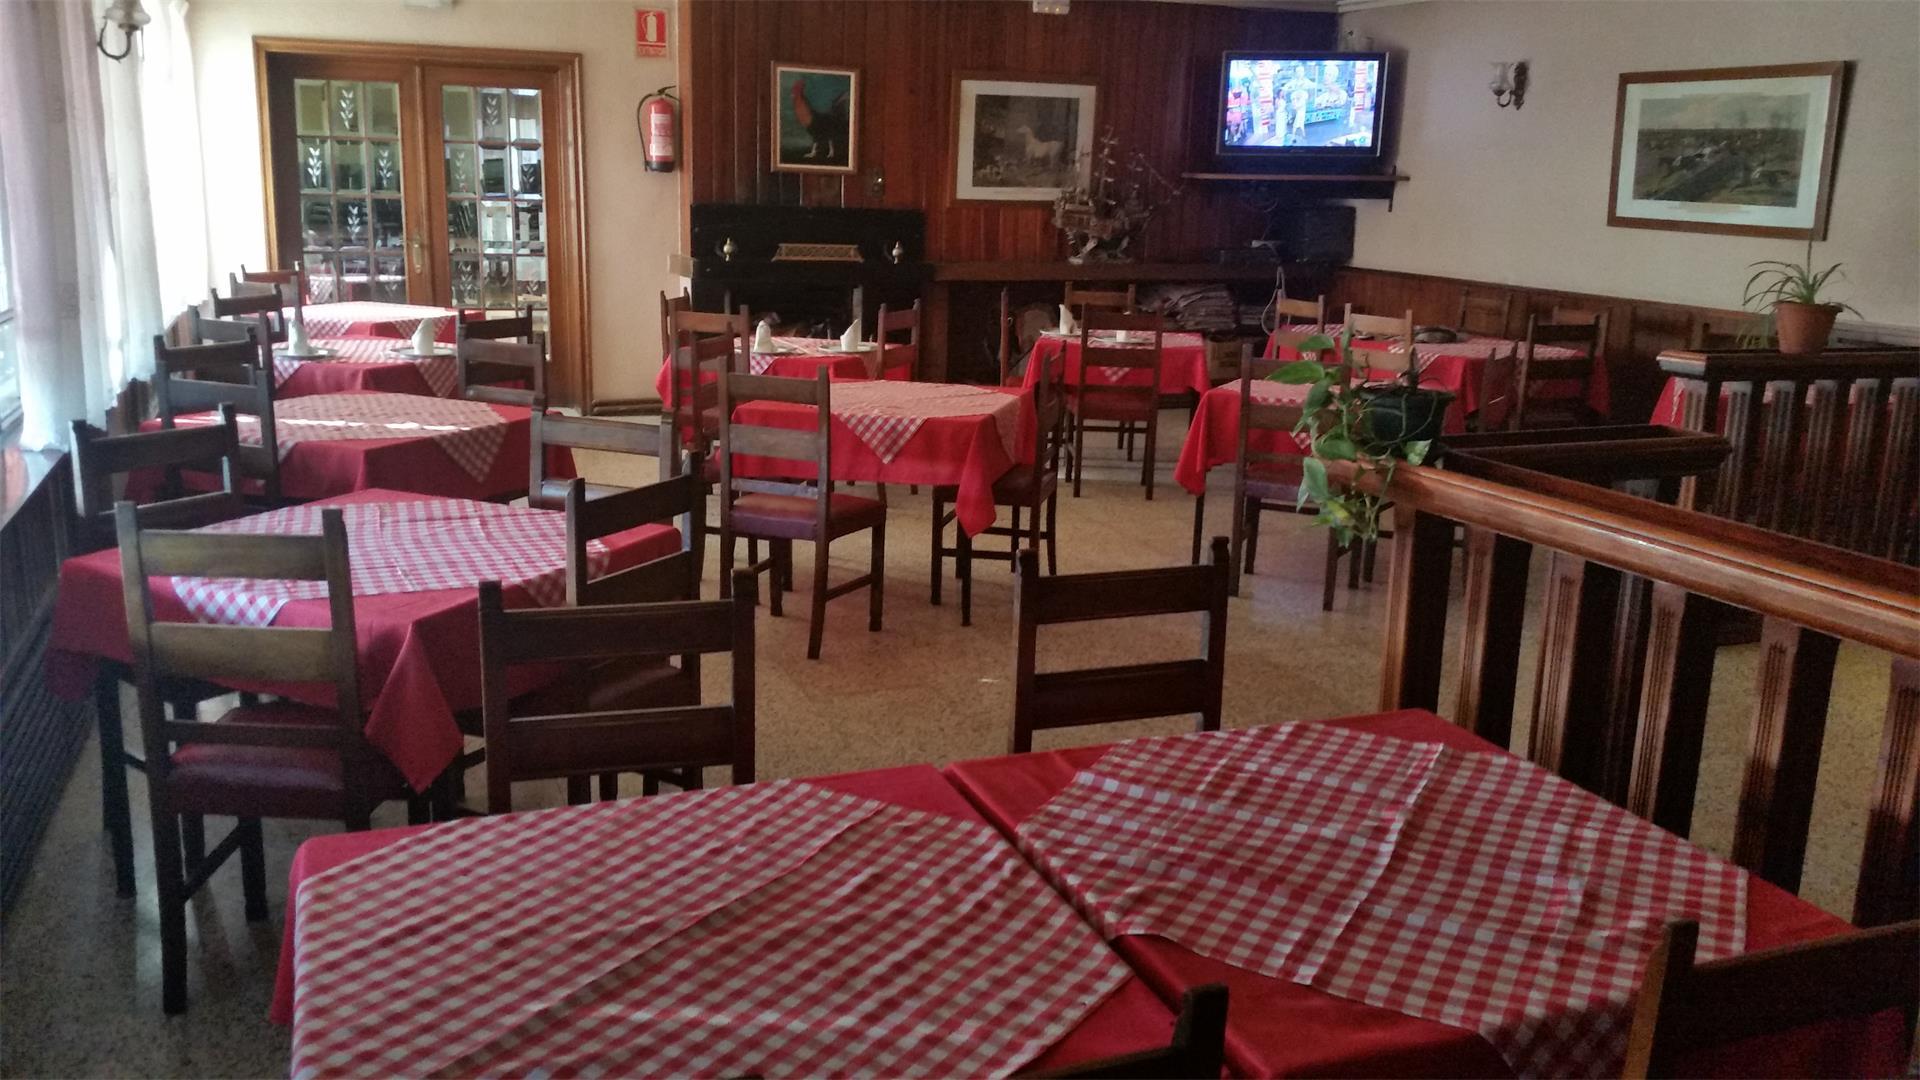 Local de alquiler en Calle el Gallo Rojo, 168 Mojados (Mojados, Valladolid)